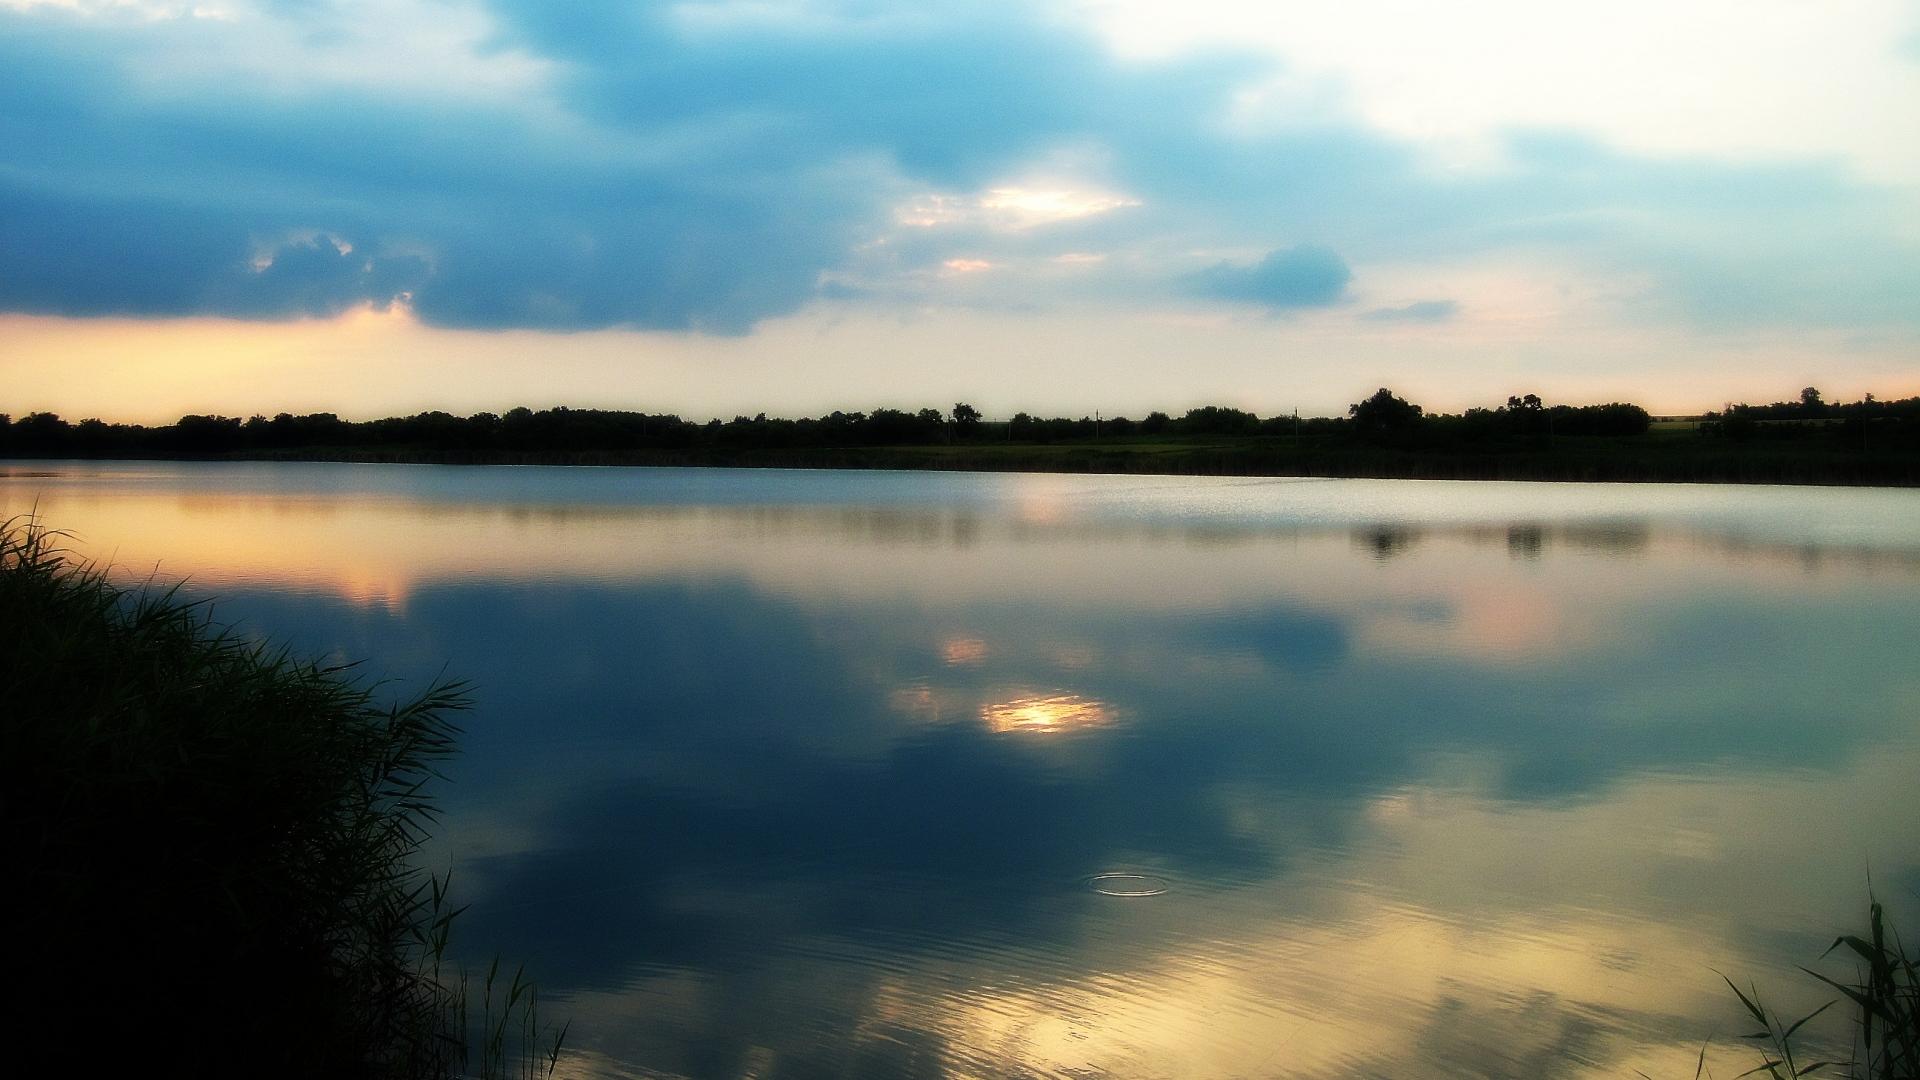 27747 скачать обои Пейзаж, Река, Закат, Облака - заставки и картинки бесплатно